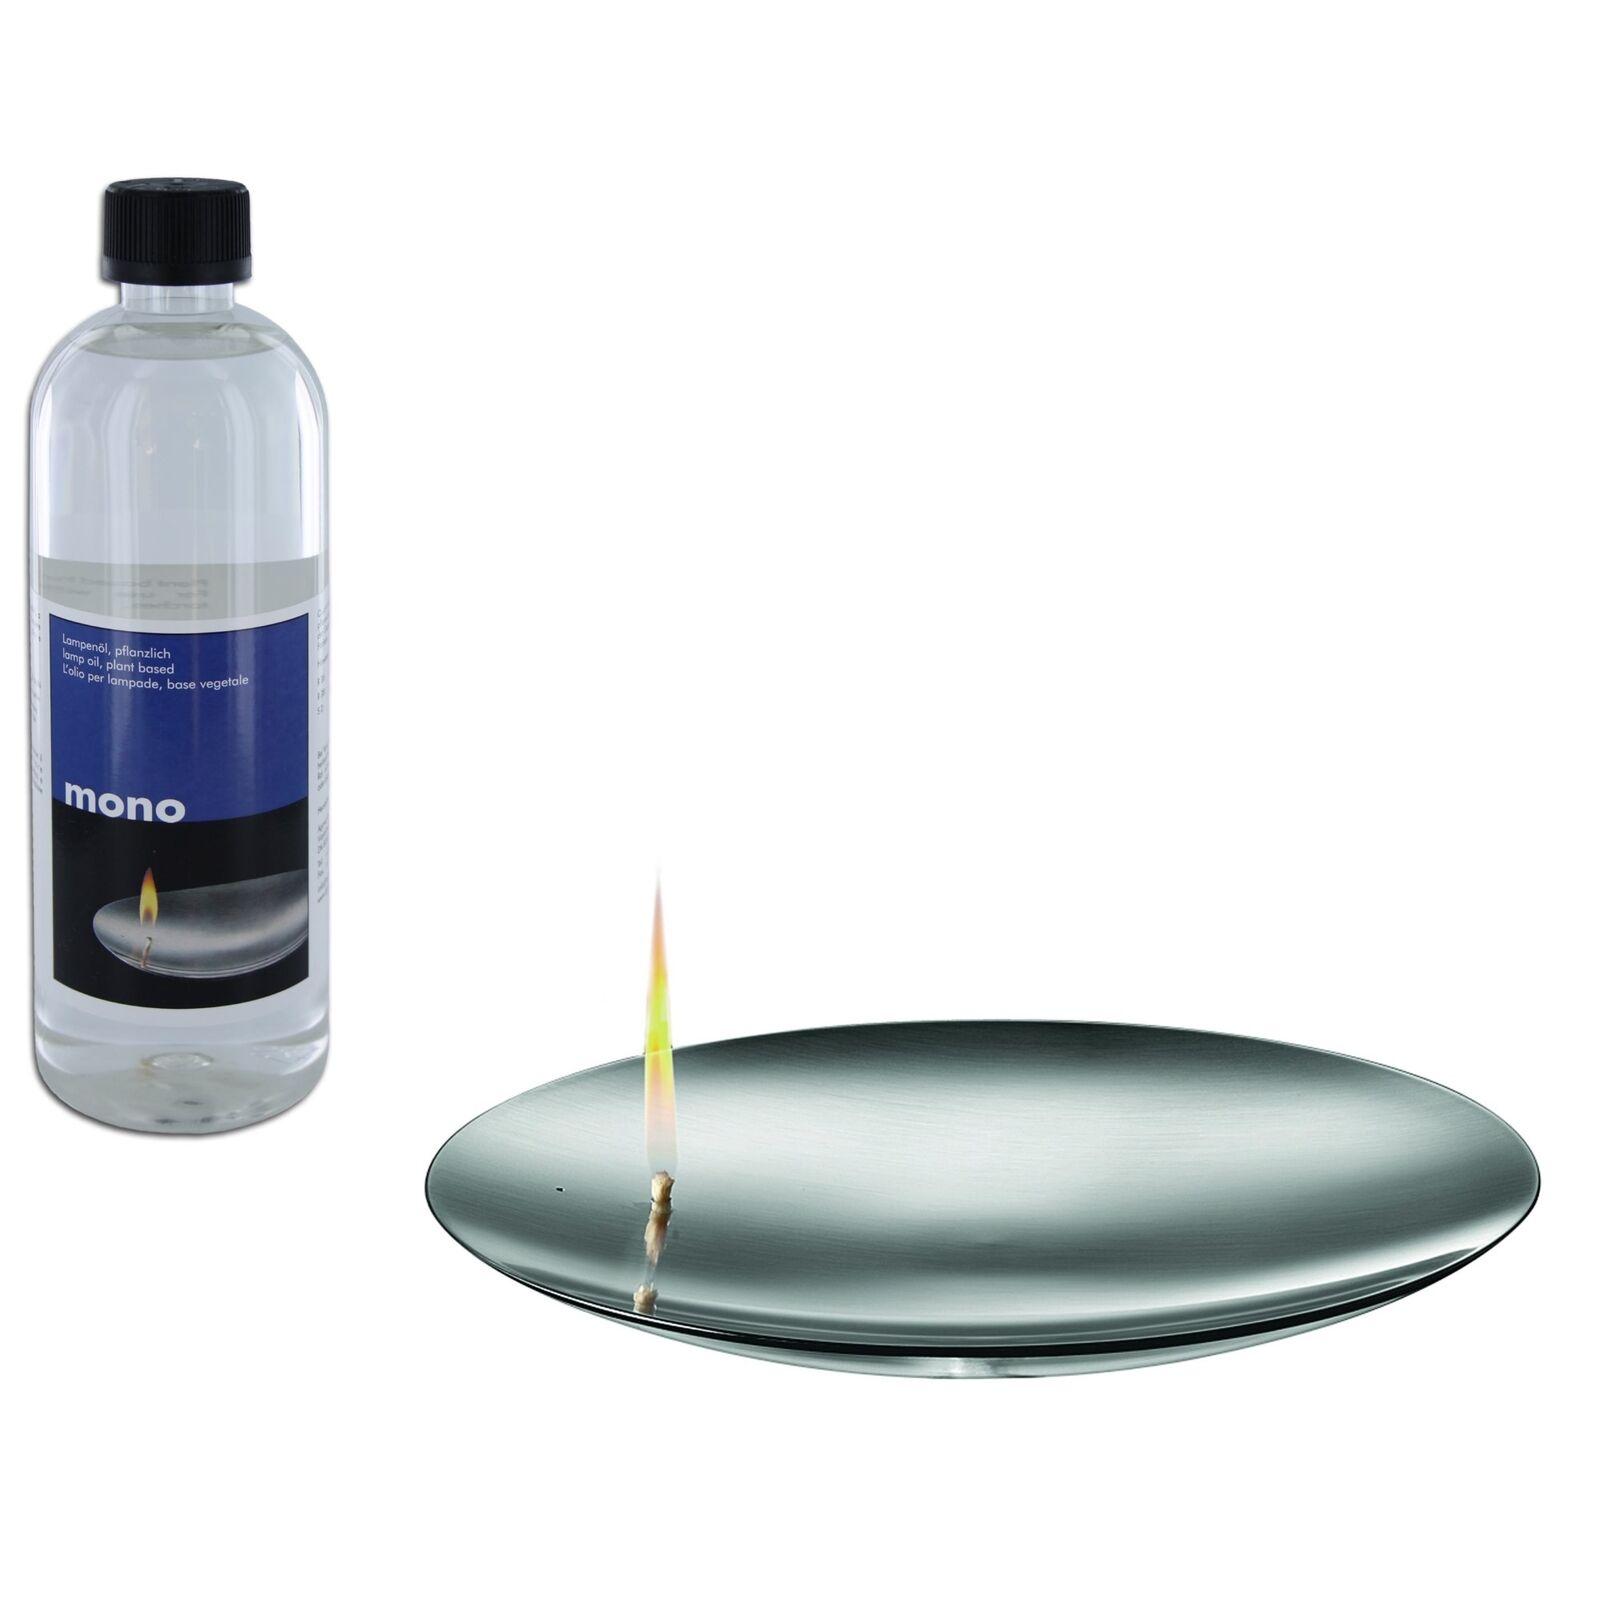 Mono flammschale concave 26,5 cm, incluyendo pfanzliches quinque petroleo 1 litros